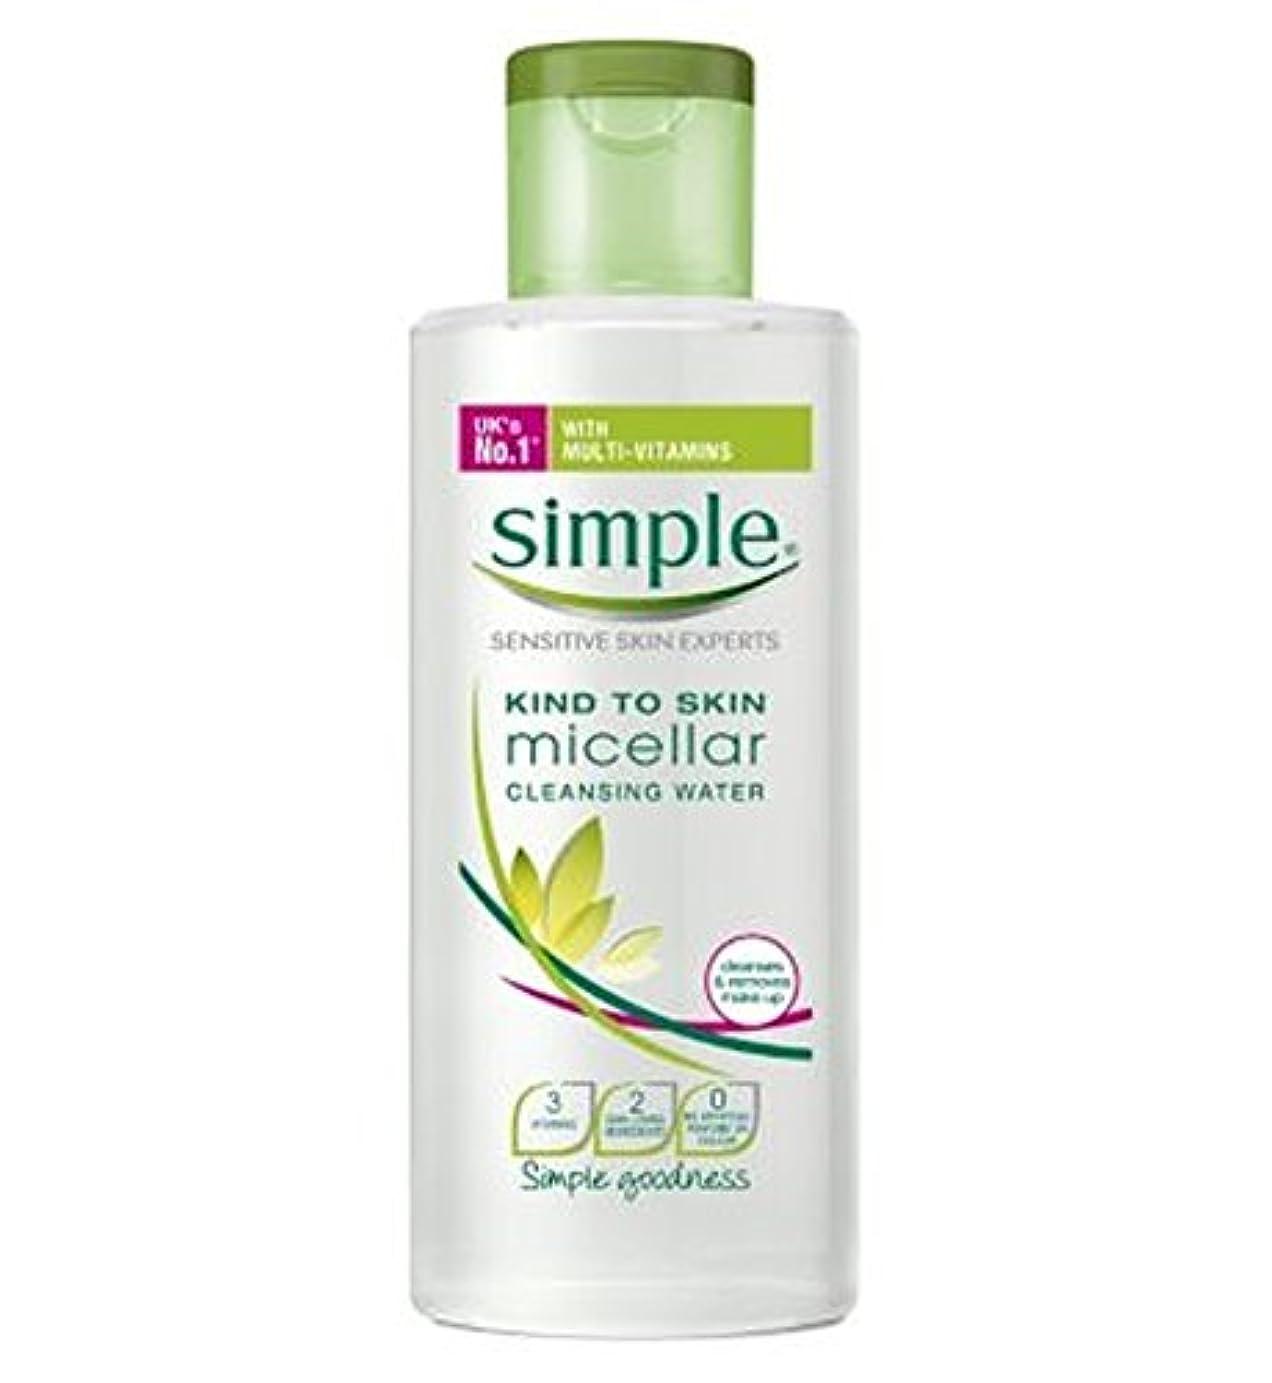 植生シェルター無駄Simple Kind To Skin Micellar Cleansing Water 200ml - 皮膚ミセル洗浄水200ミリリットルに簡単な種類 (Simple) [並行輸入品]